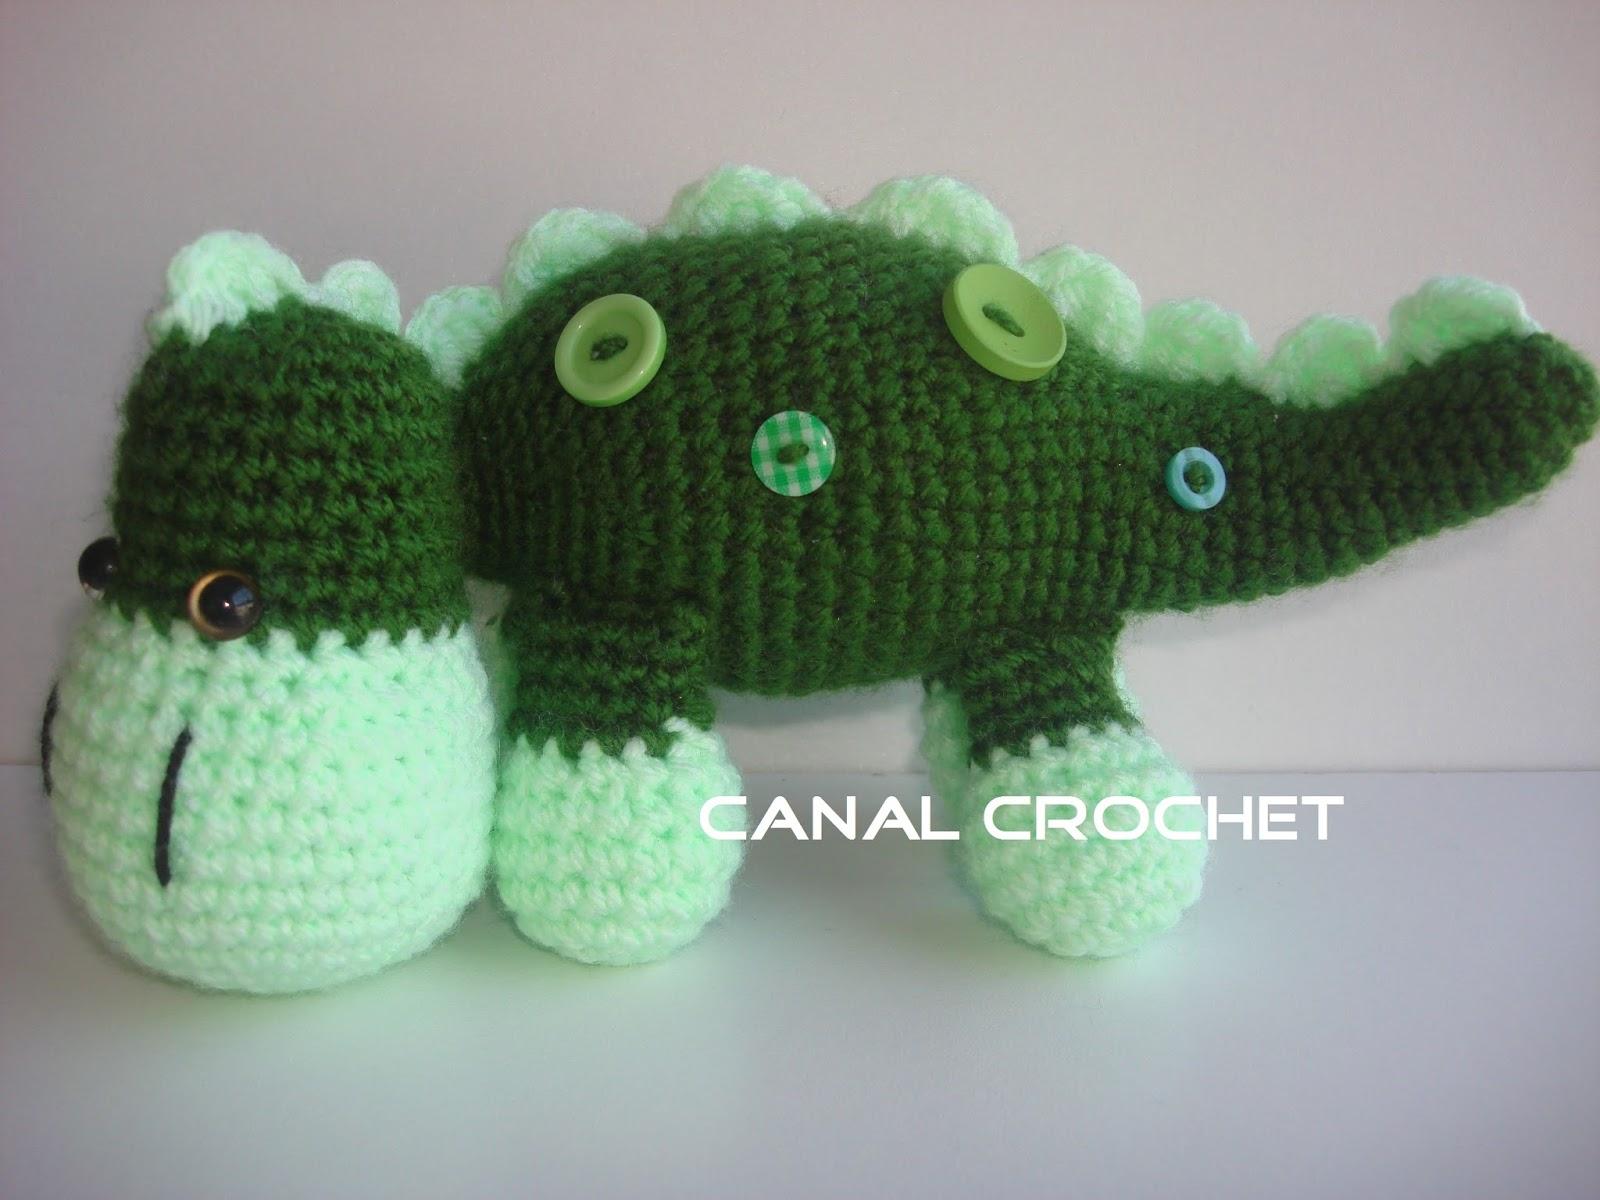 CANAL CROCHET: Dino bebé amigurumi